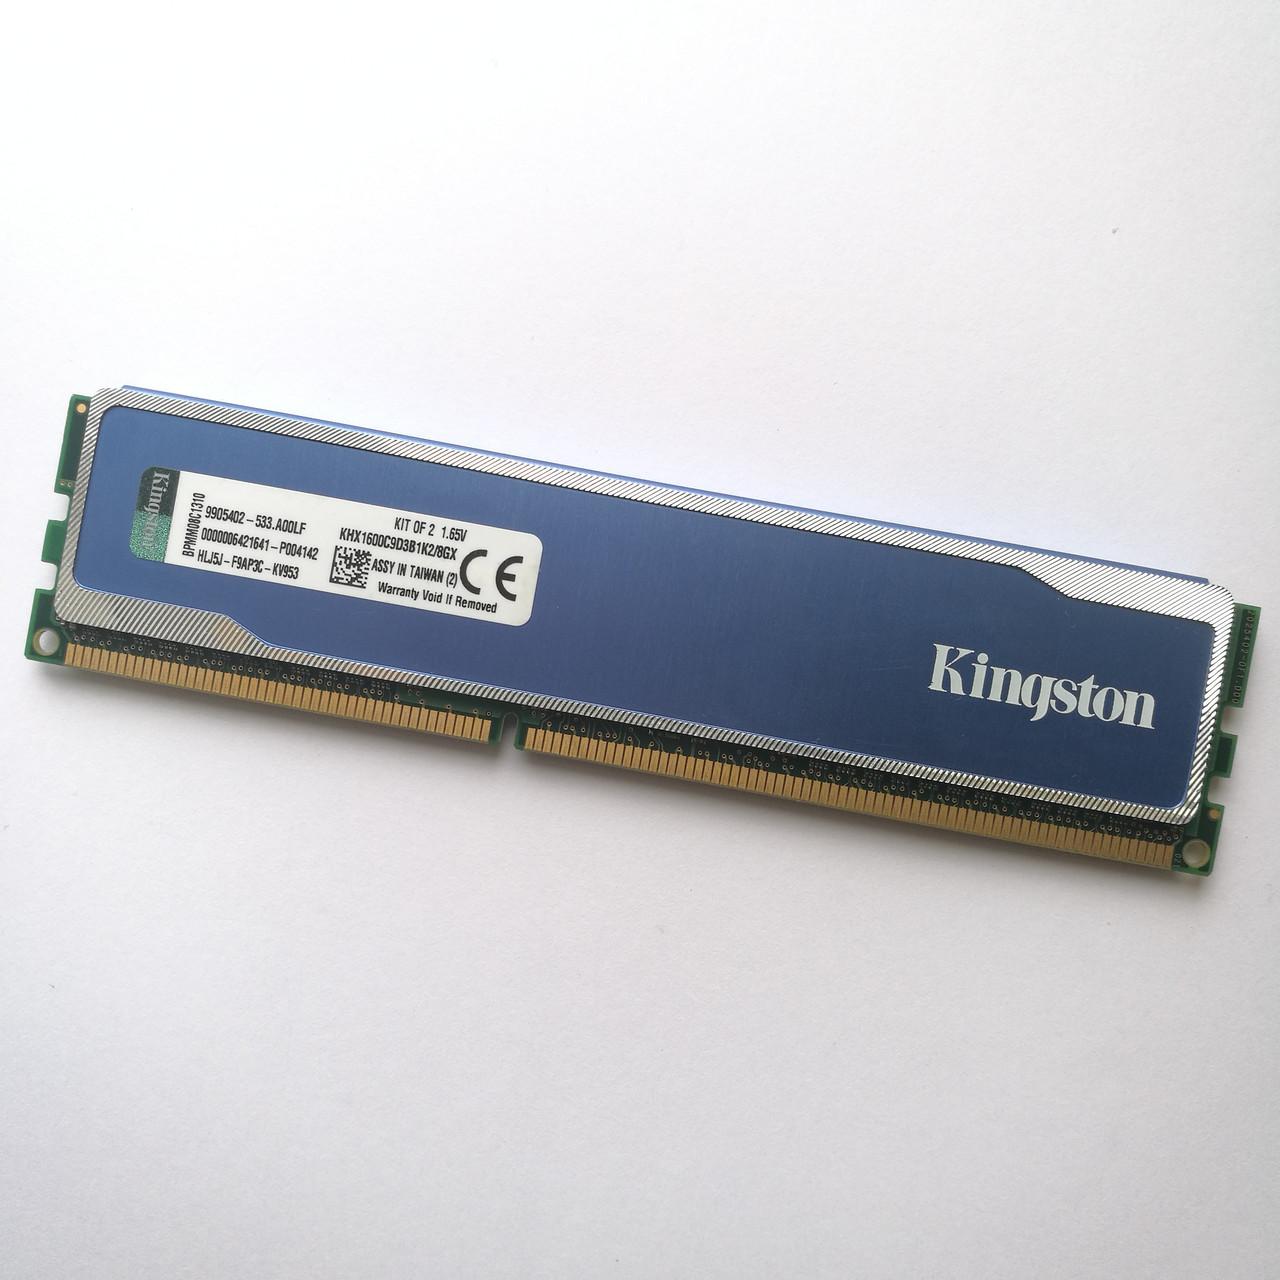 Игровая оперативная память Kingston DDR3 4Gb 1600MHz PC3 12800U 1R8/2R8 CL9 (KHX1600C9D3B1K2/8GX) Б/У